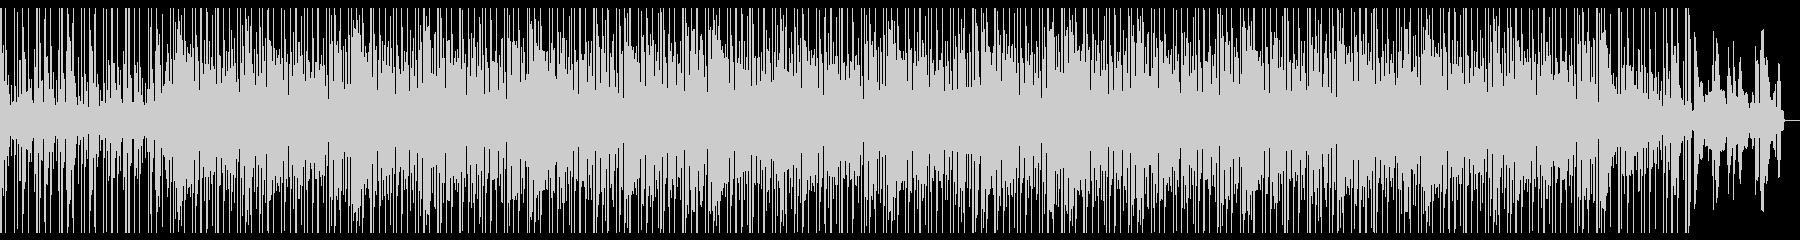 生演奏の爽やか系BGMの未再生の波形